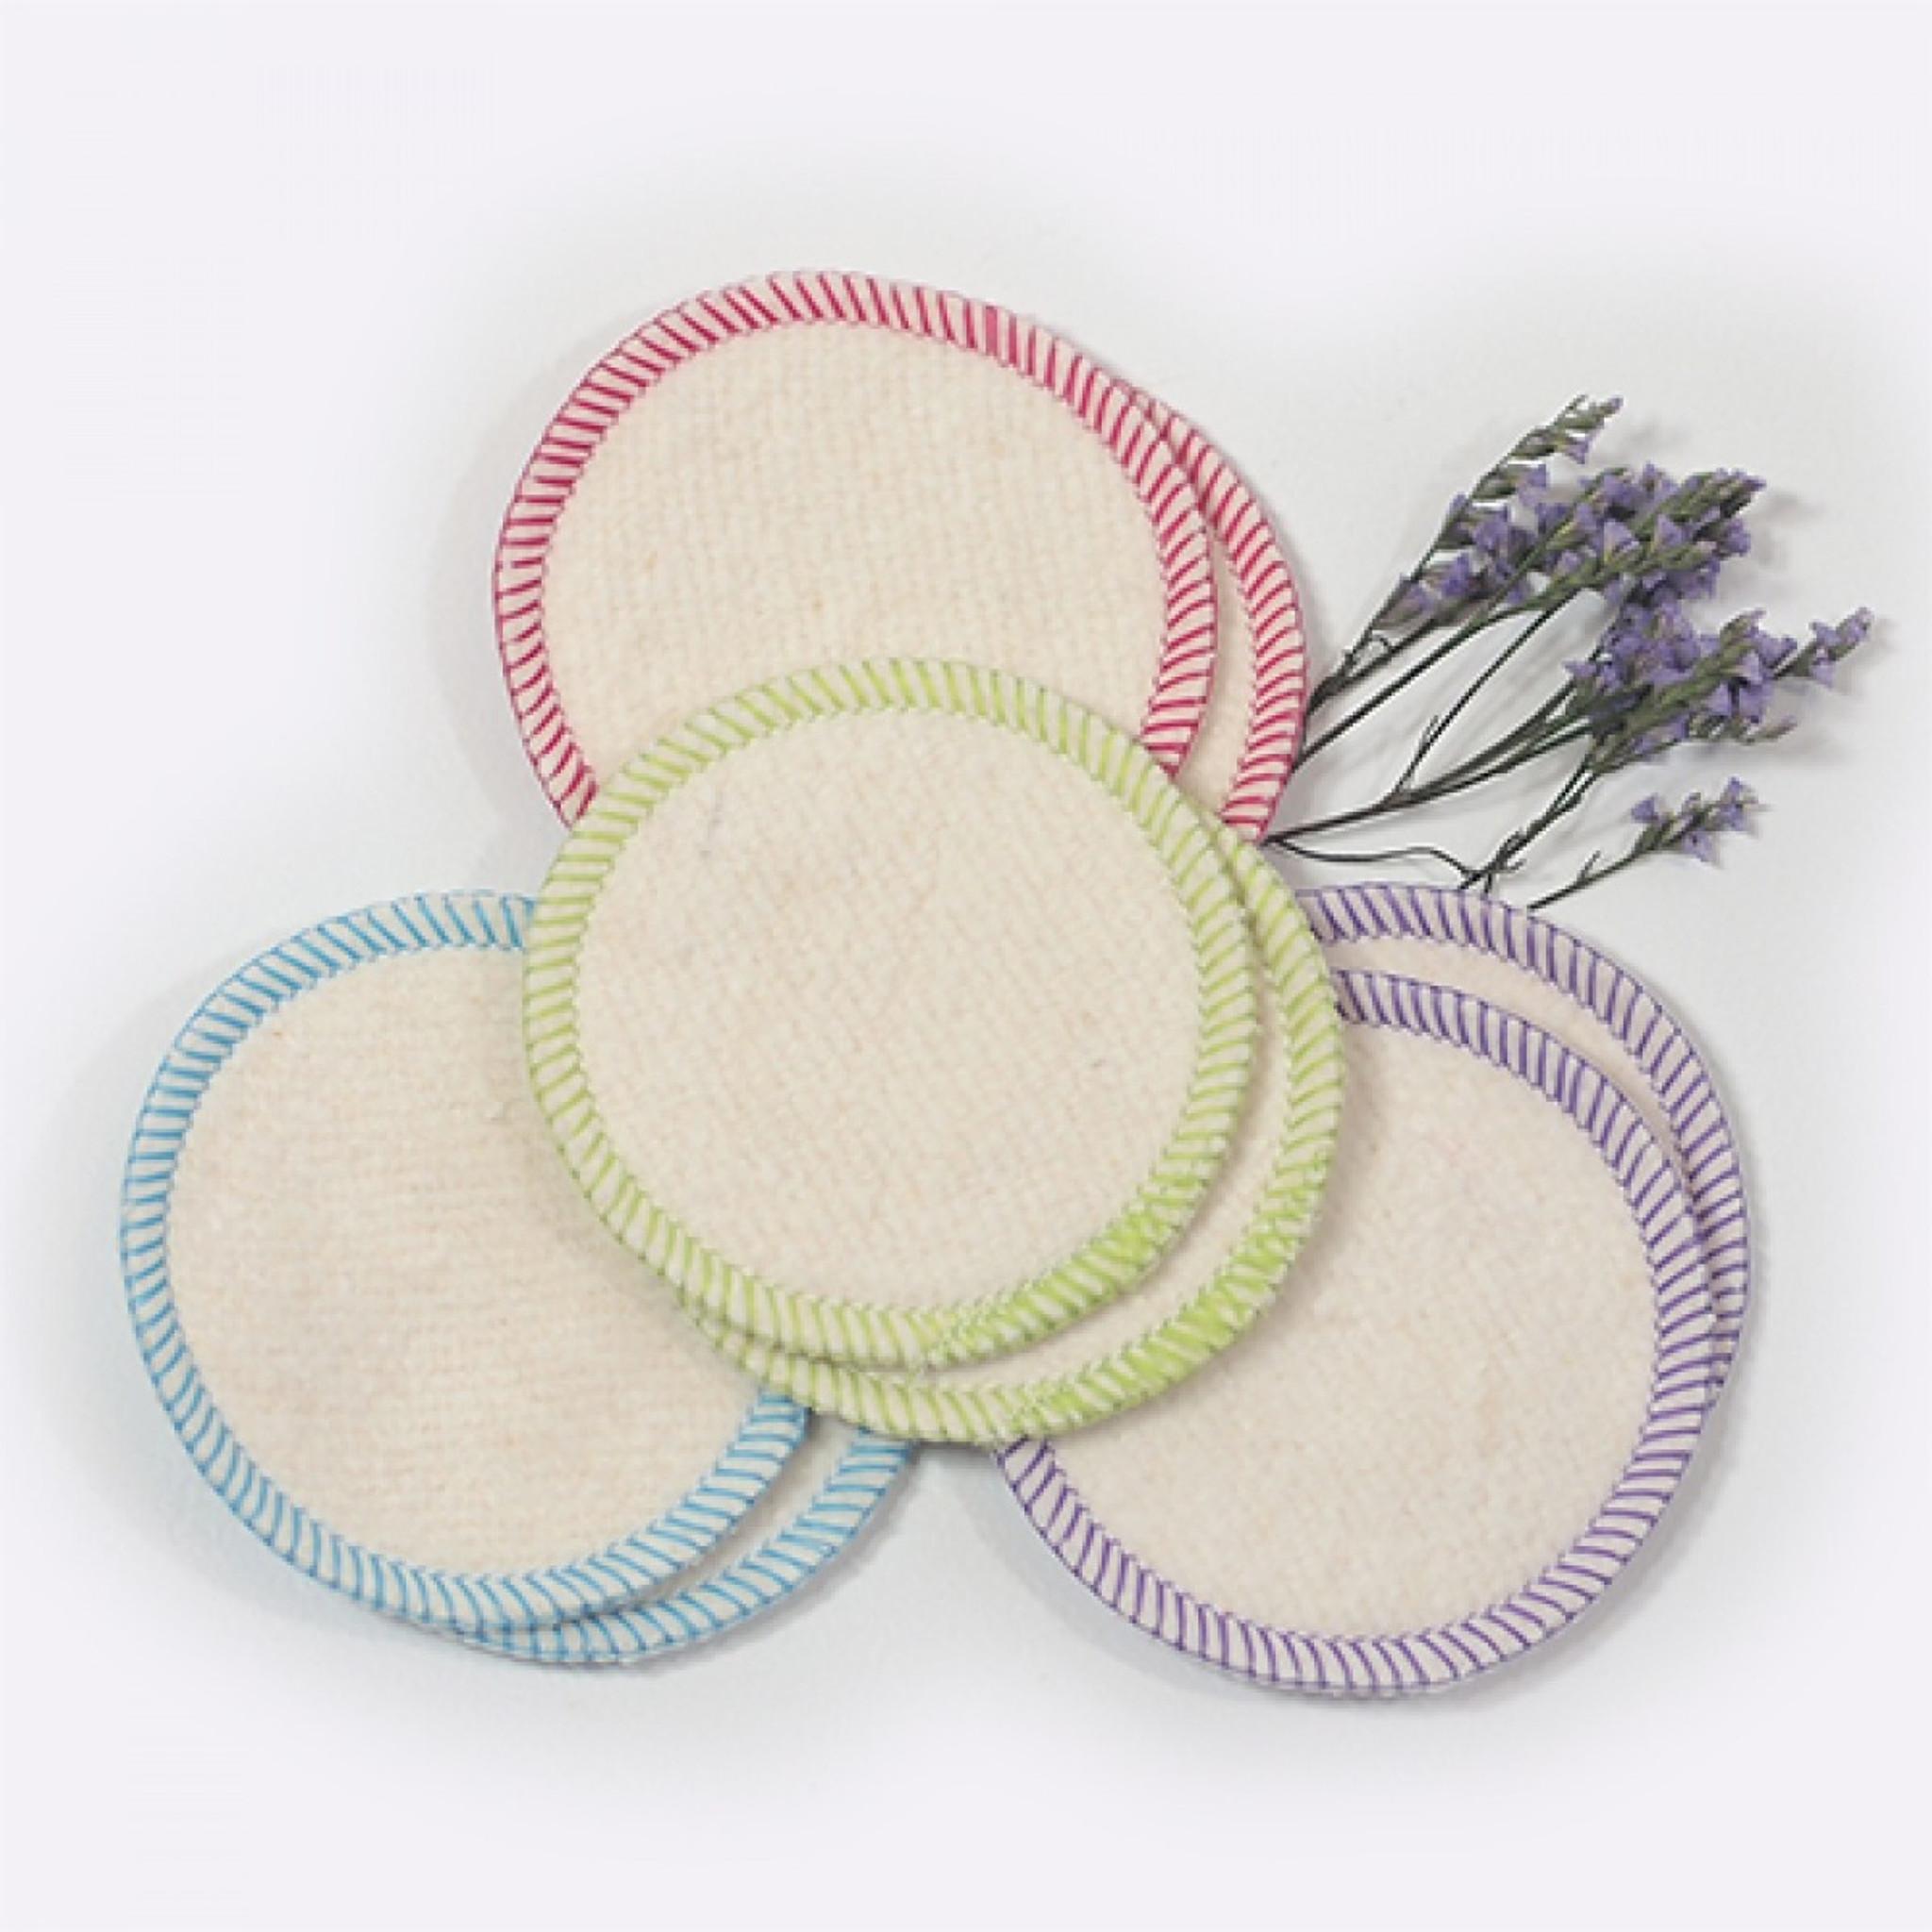 Makeup Removal Pads - Hemp & Organic Cotton